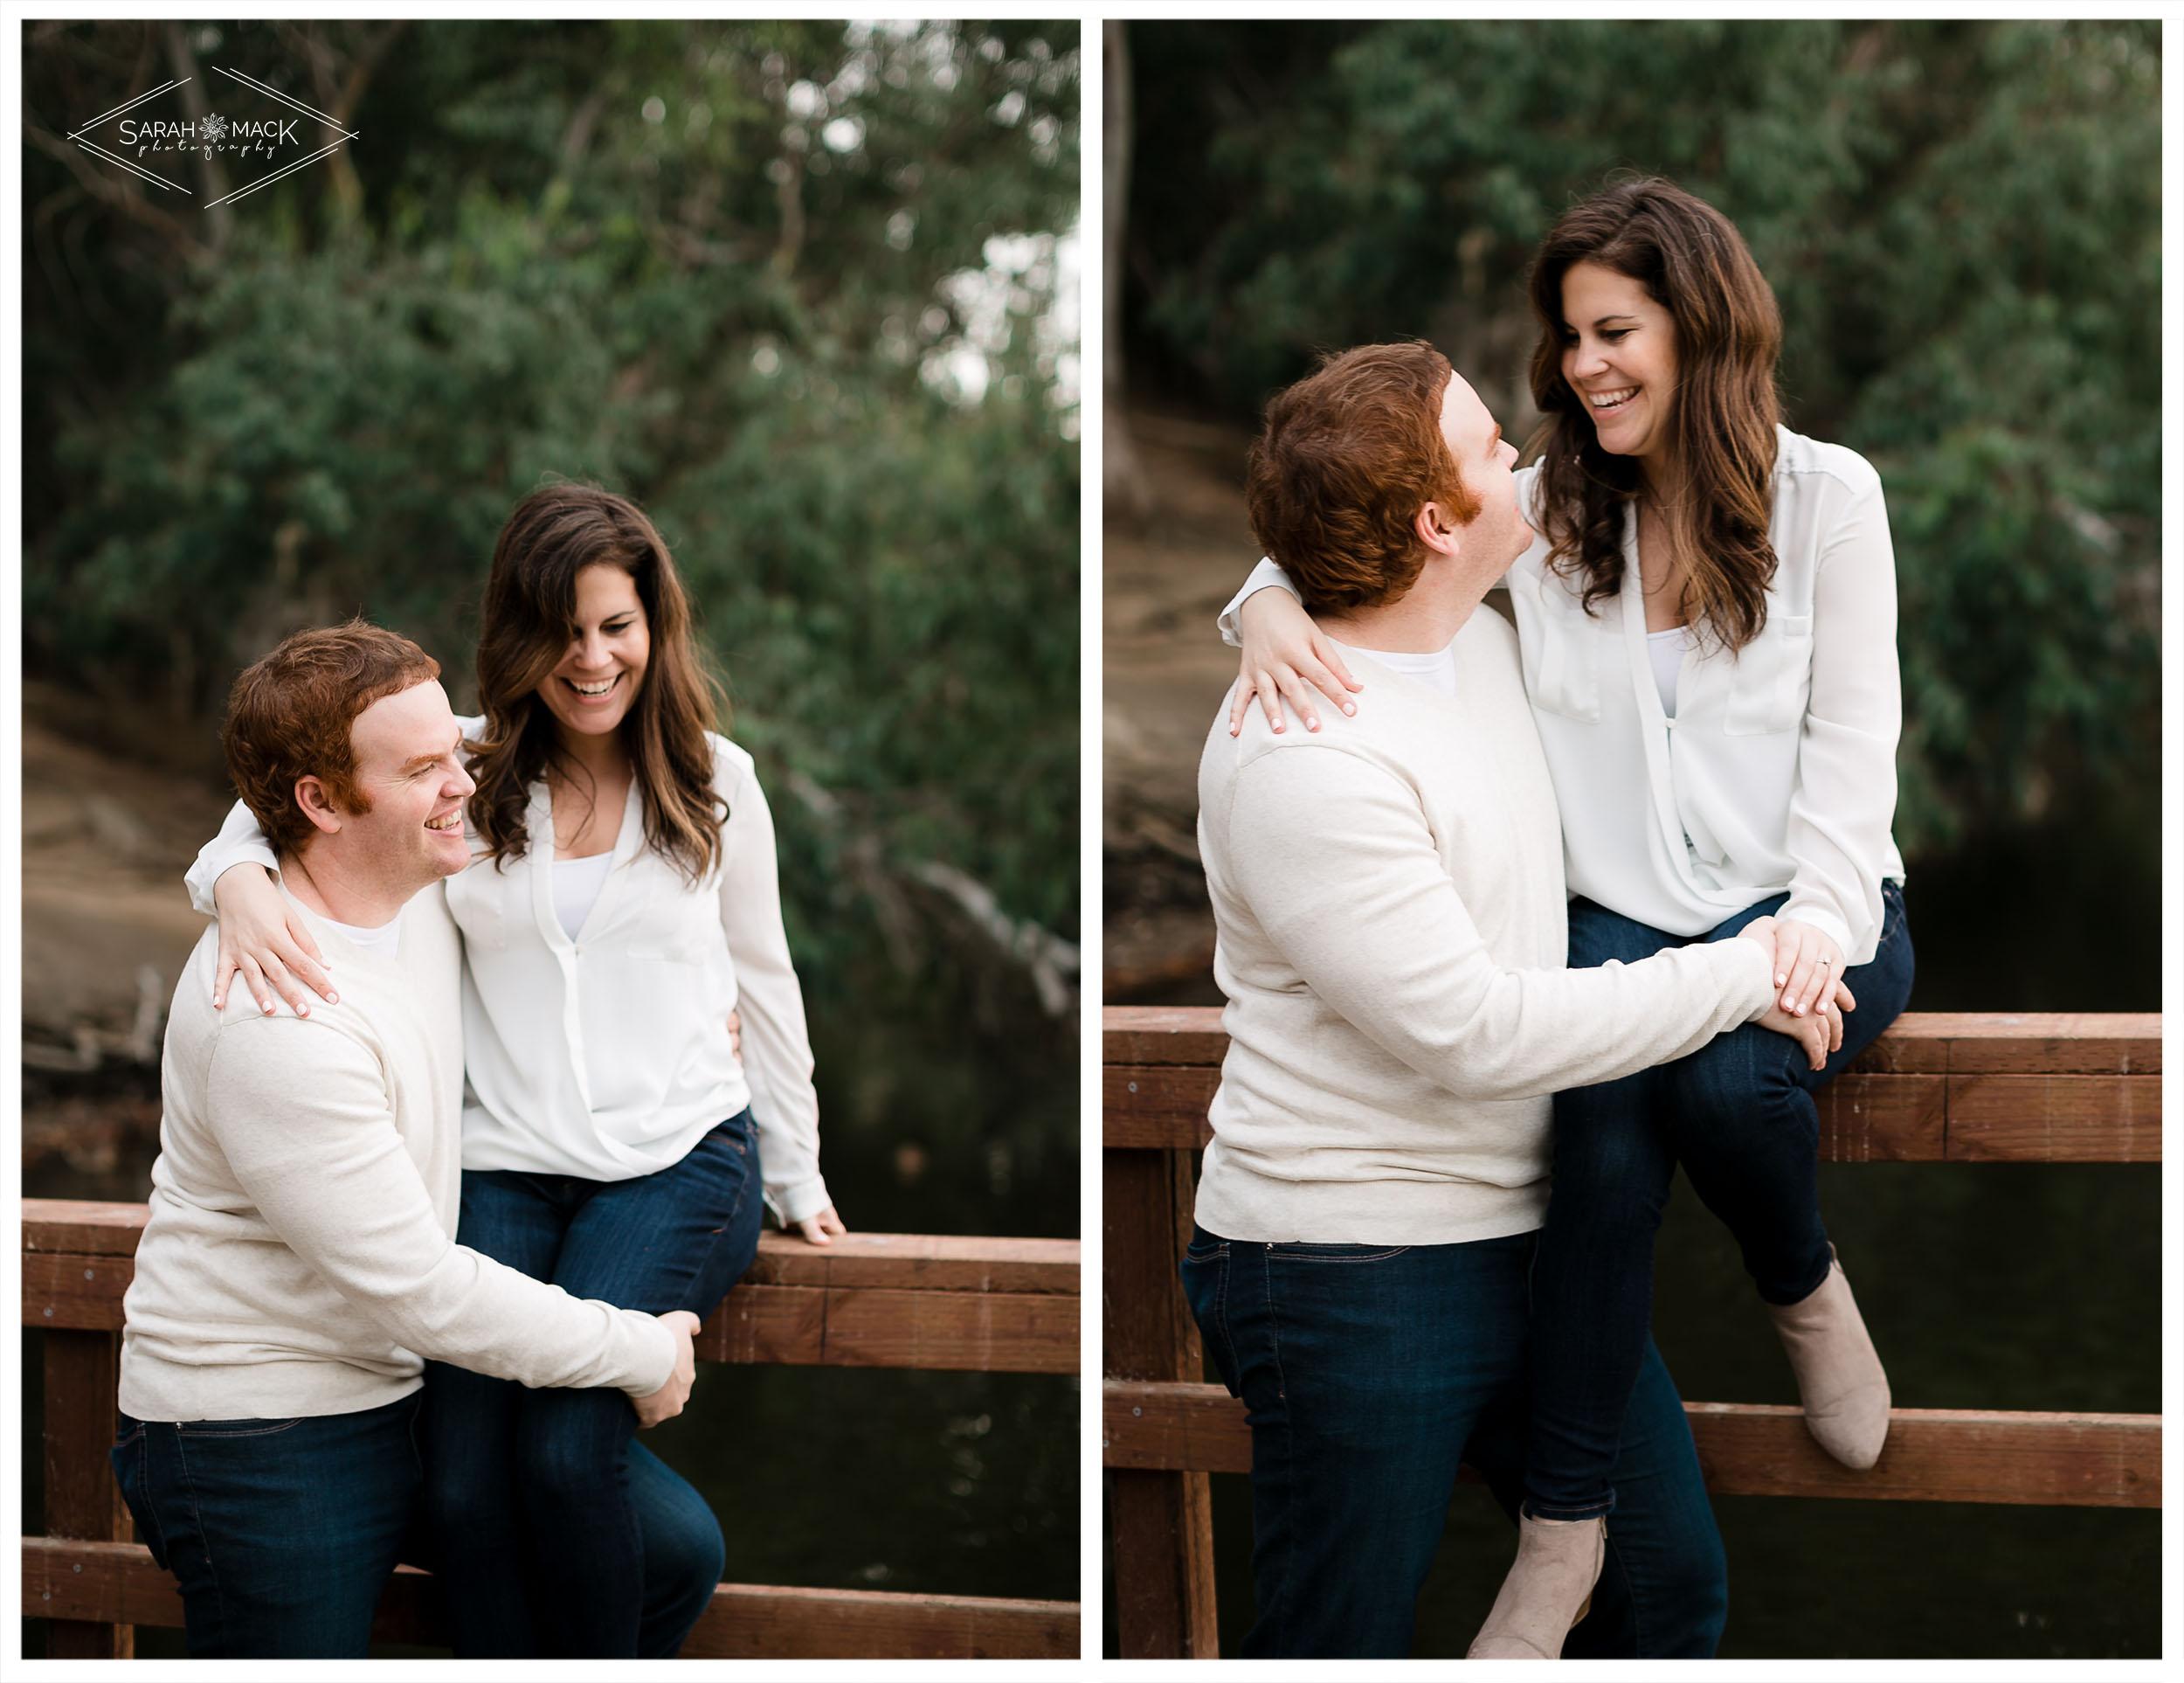 AM-Huntington-Beach-Central-Park-Engagement-Photography-7.jpg